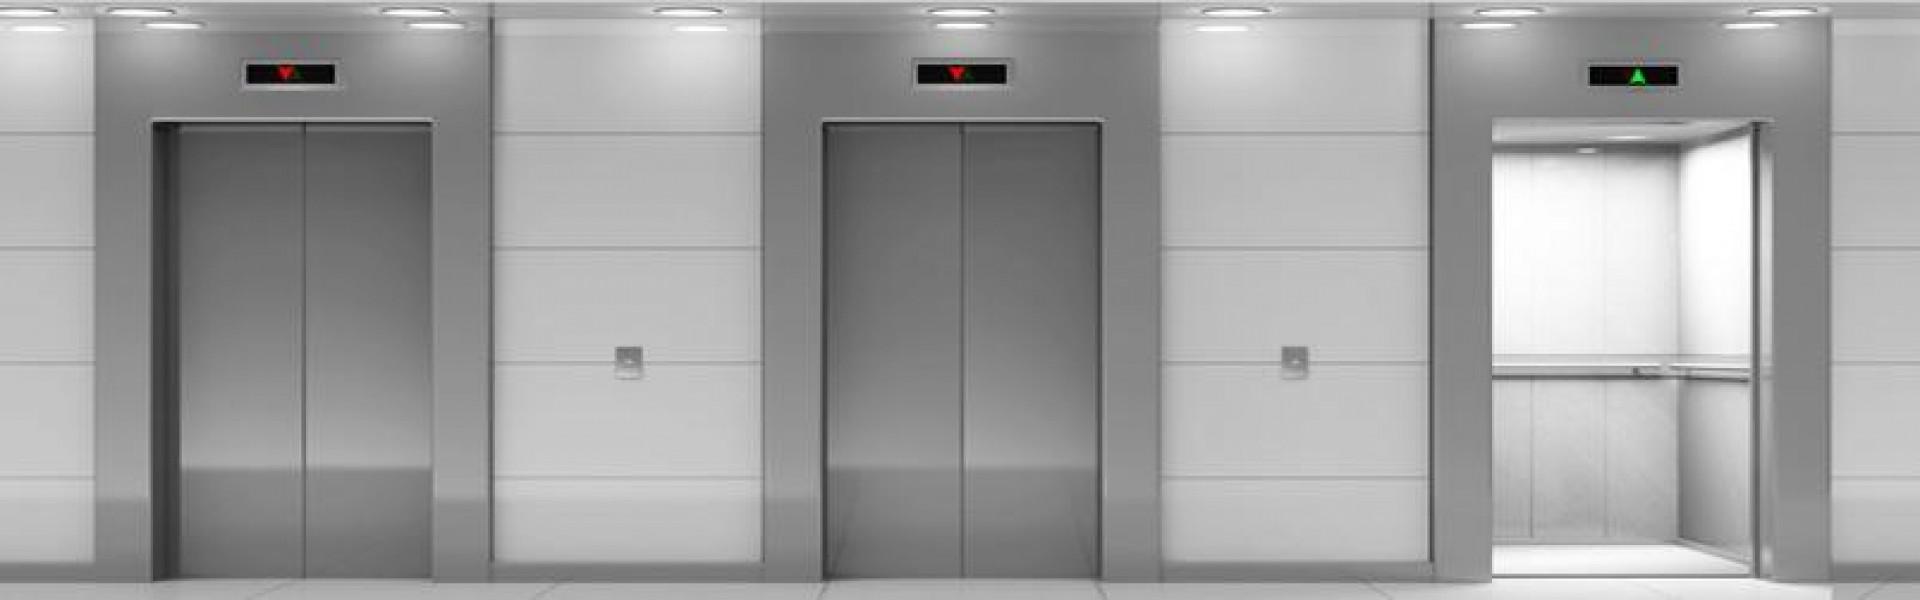 Vantagens da modernização de elevadores